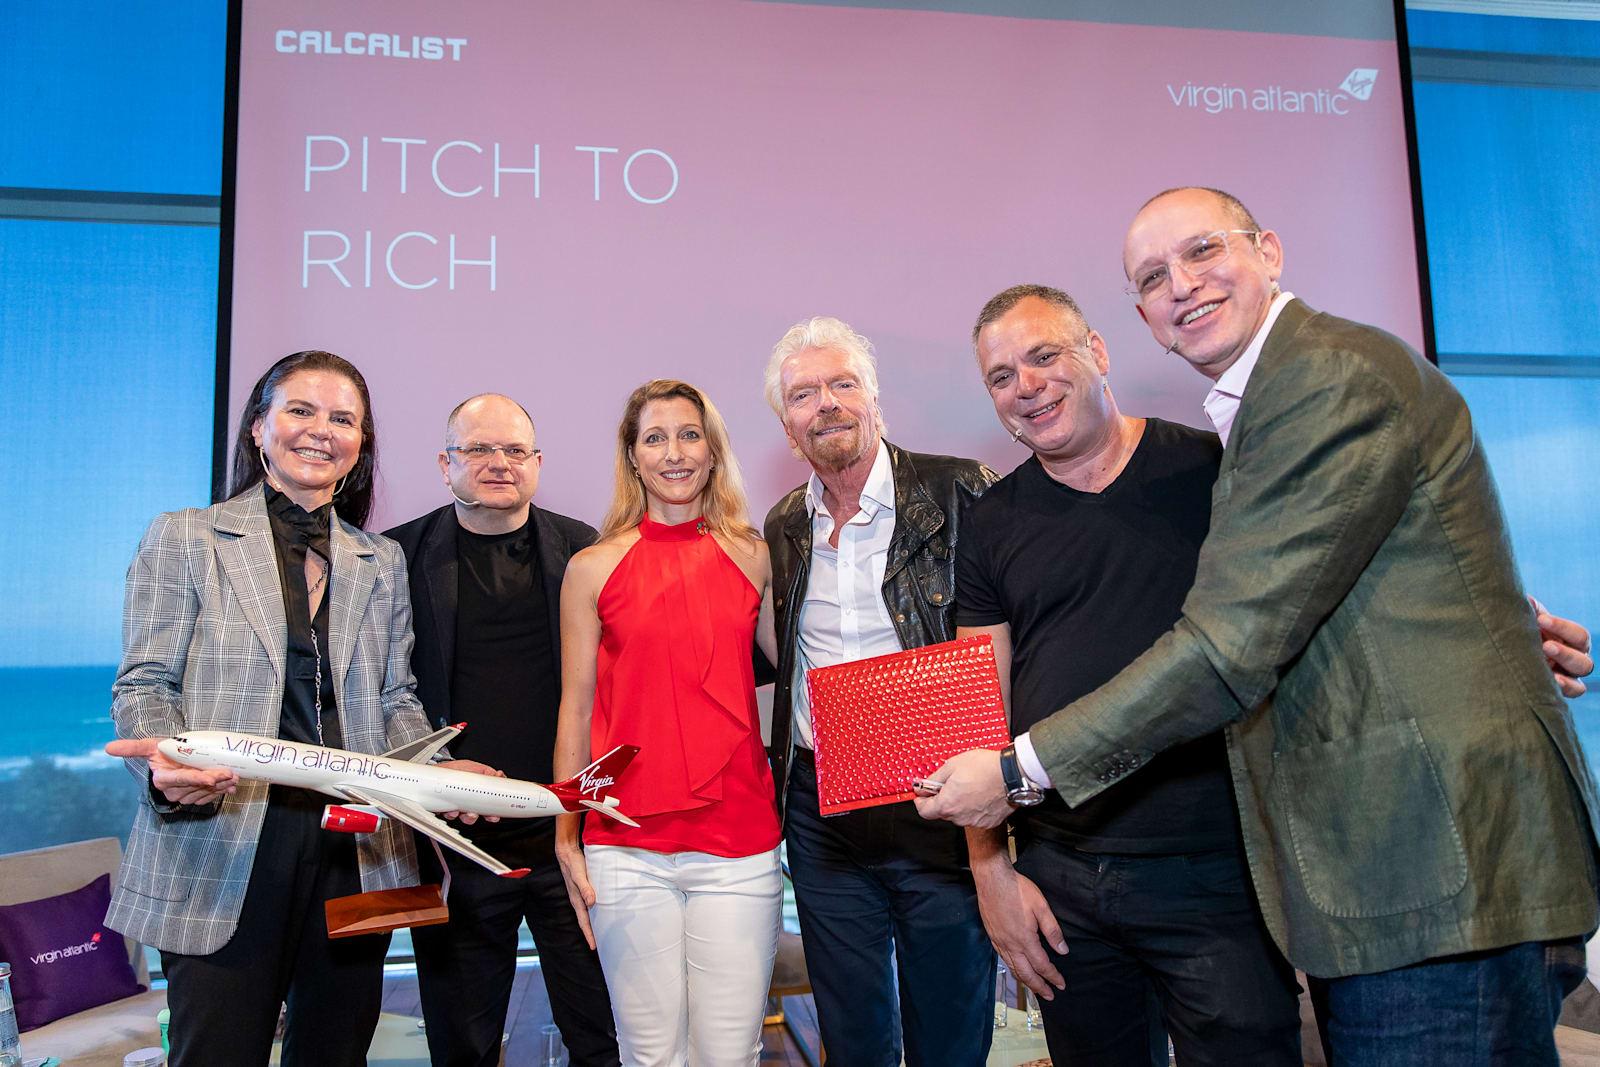 Se tiene que trabajar en una empresa antes de emprender: Richard Branson